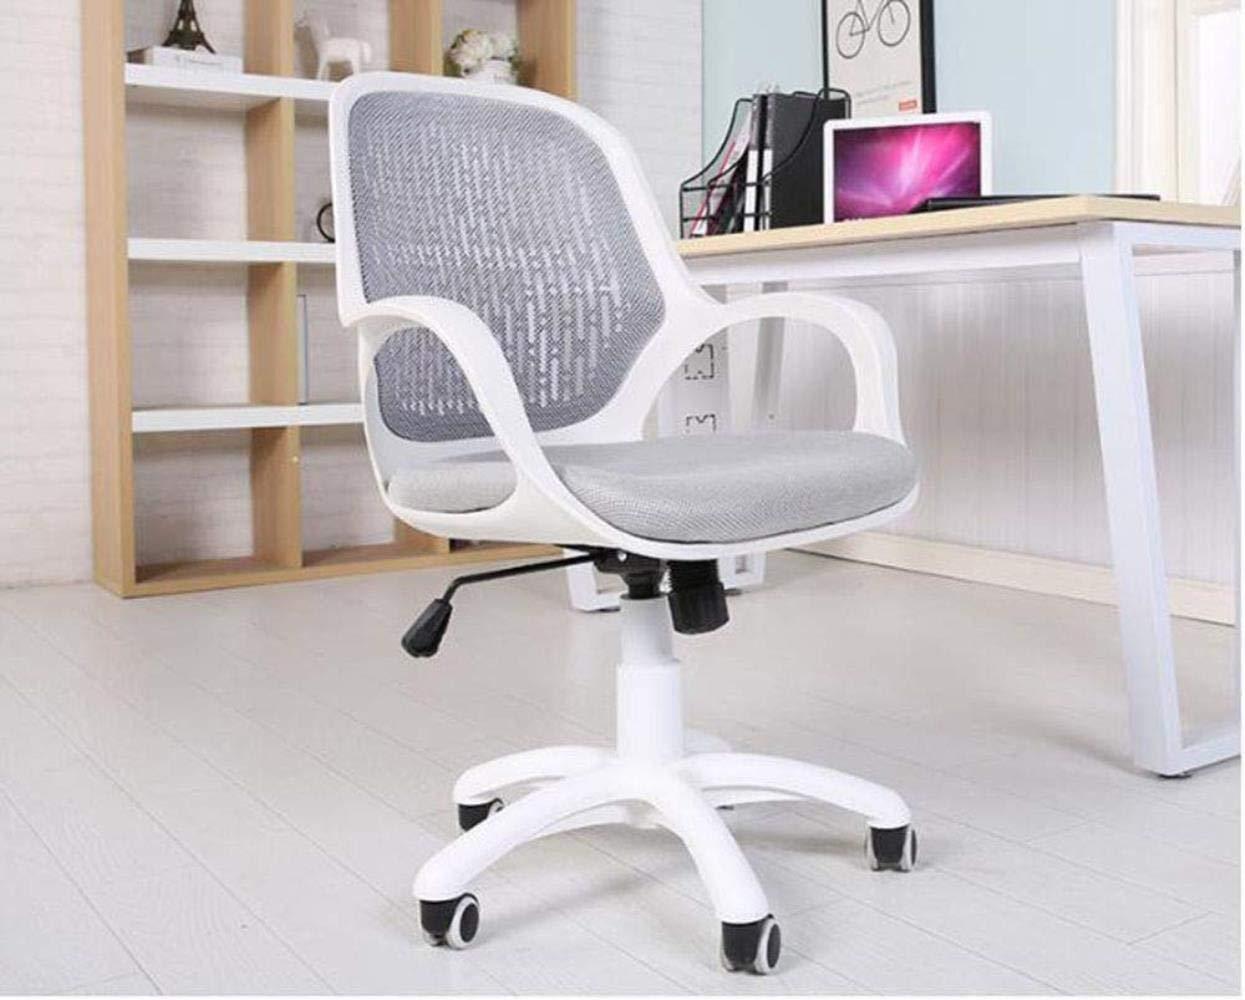 Barstolar THBEIBEI Ofiice stol svängbar stol spelstol datorstol uppgift skrivbord stol studentstol, lyft kontorsstol dator stol nät hushåll rotation (färg: grå) Grått